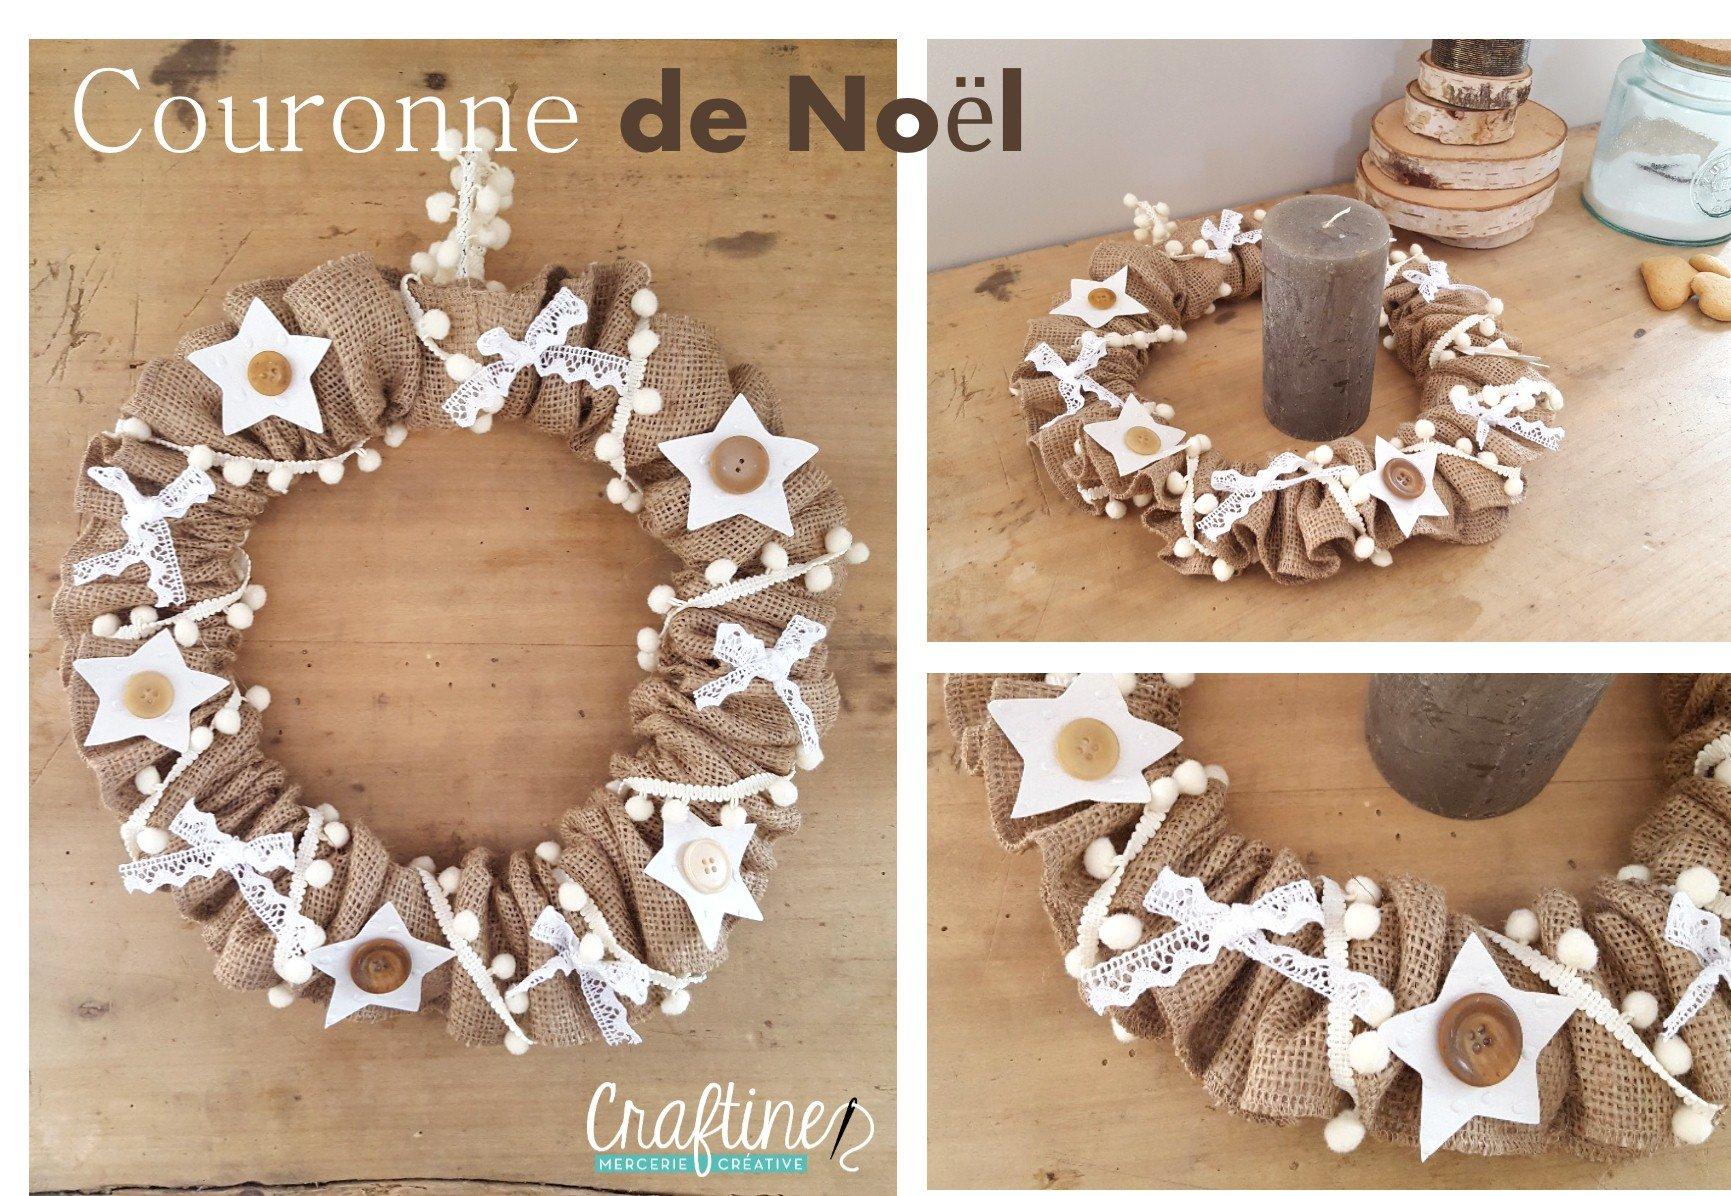 Couronne De Porte Noel Design cousons ensemble : tuto couronne de noël - le blog de craftine